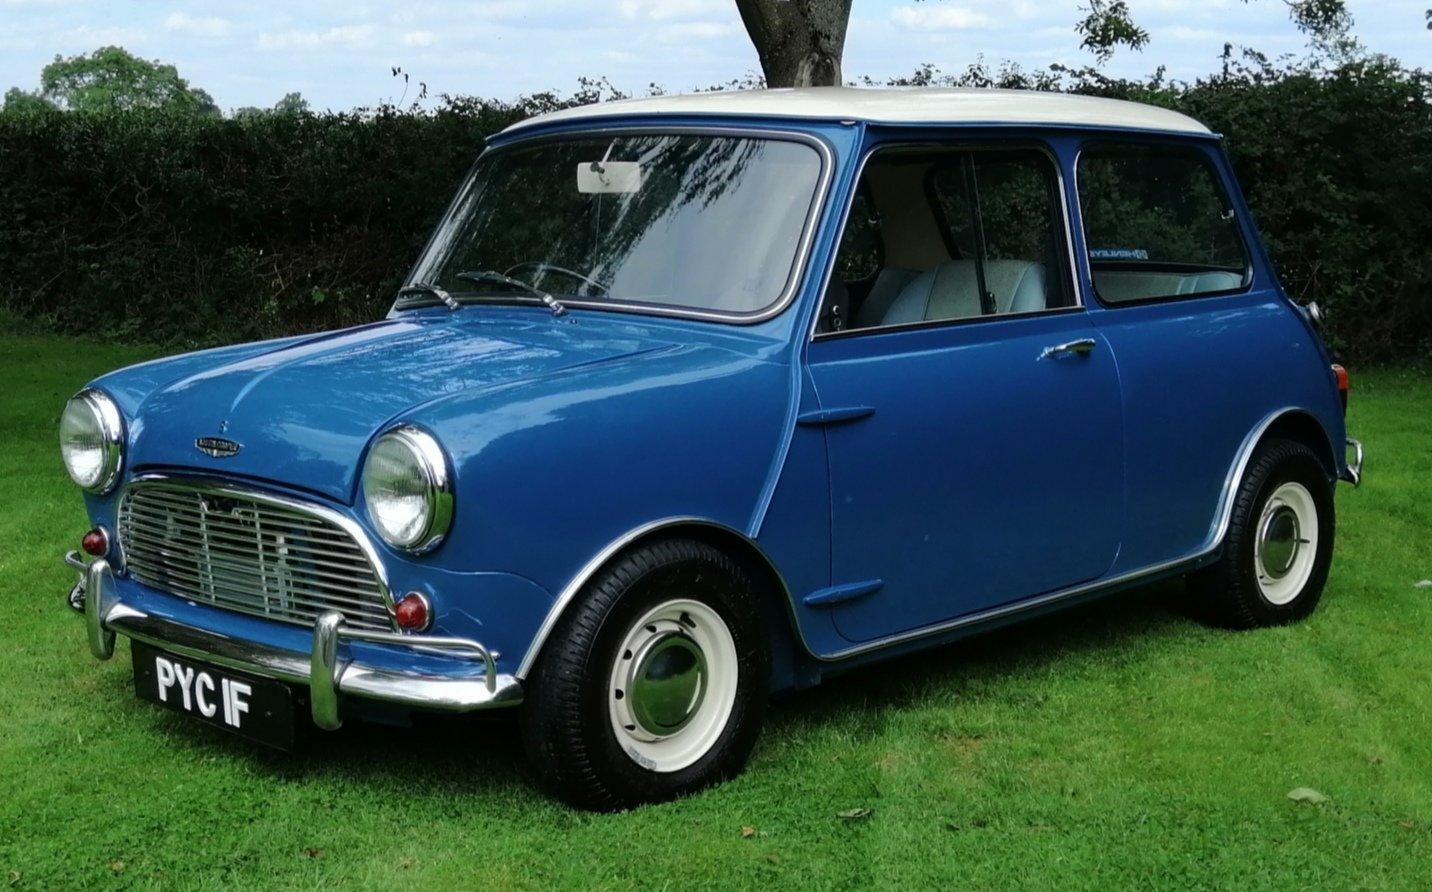 1967 Austin mini cooper s mk1 1275cc For Sale (picture 1 of 6)